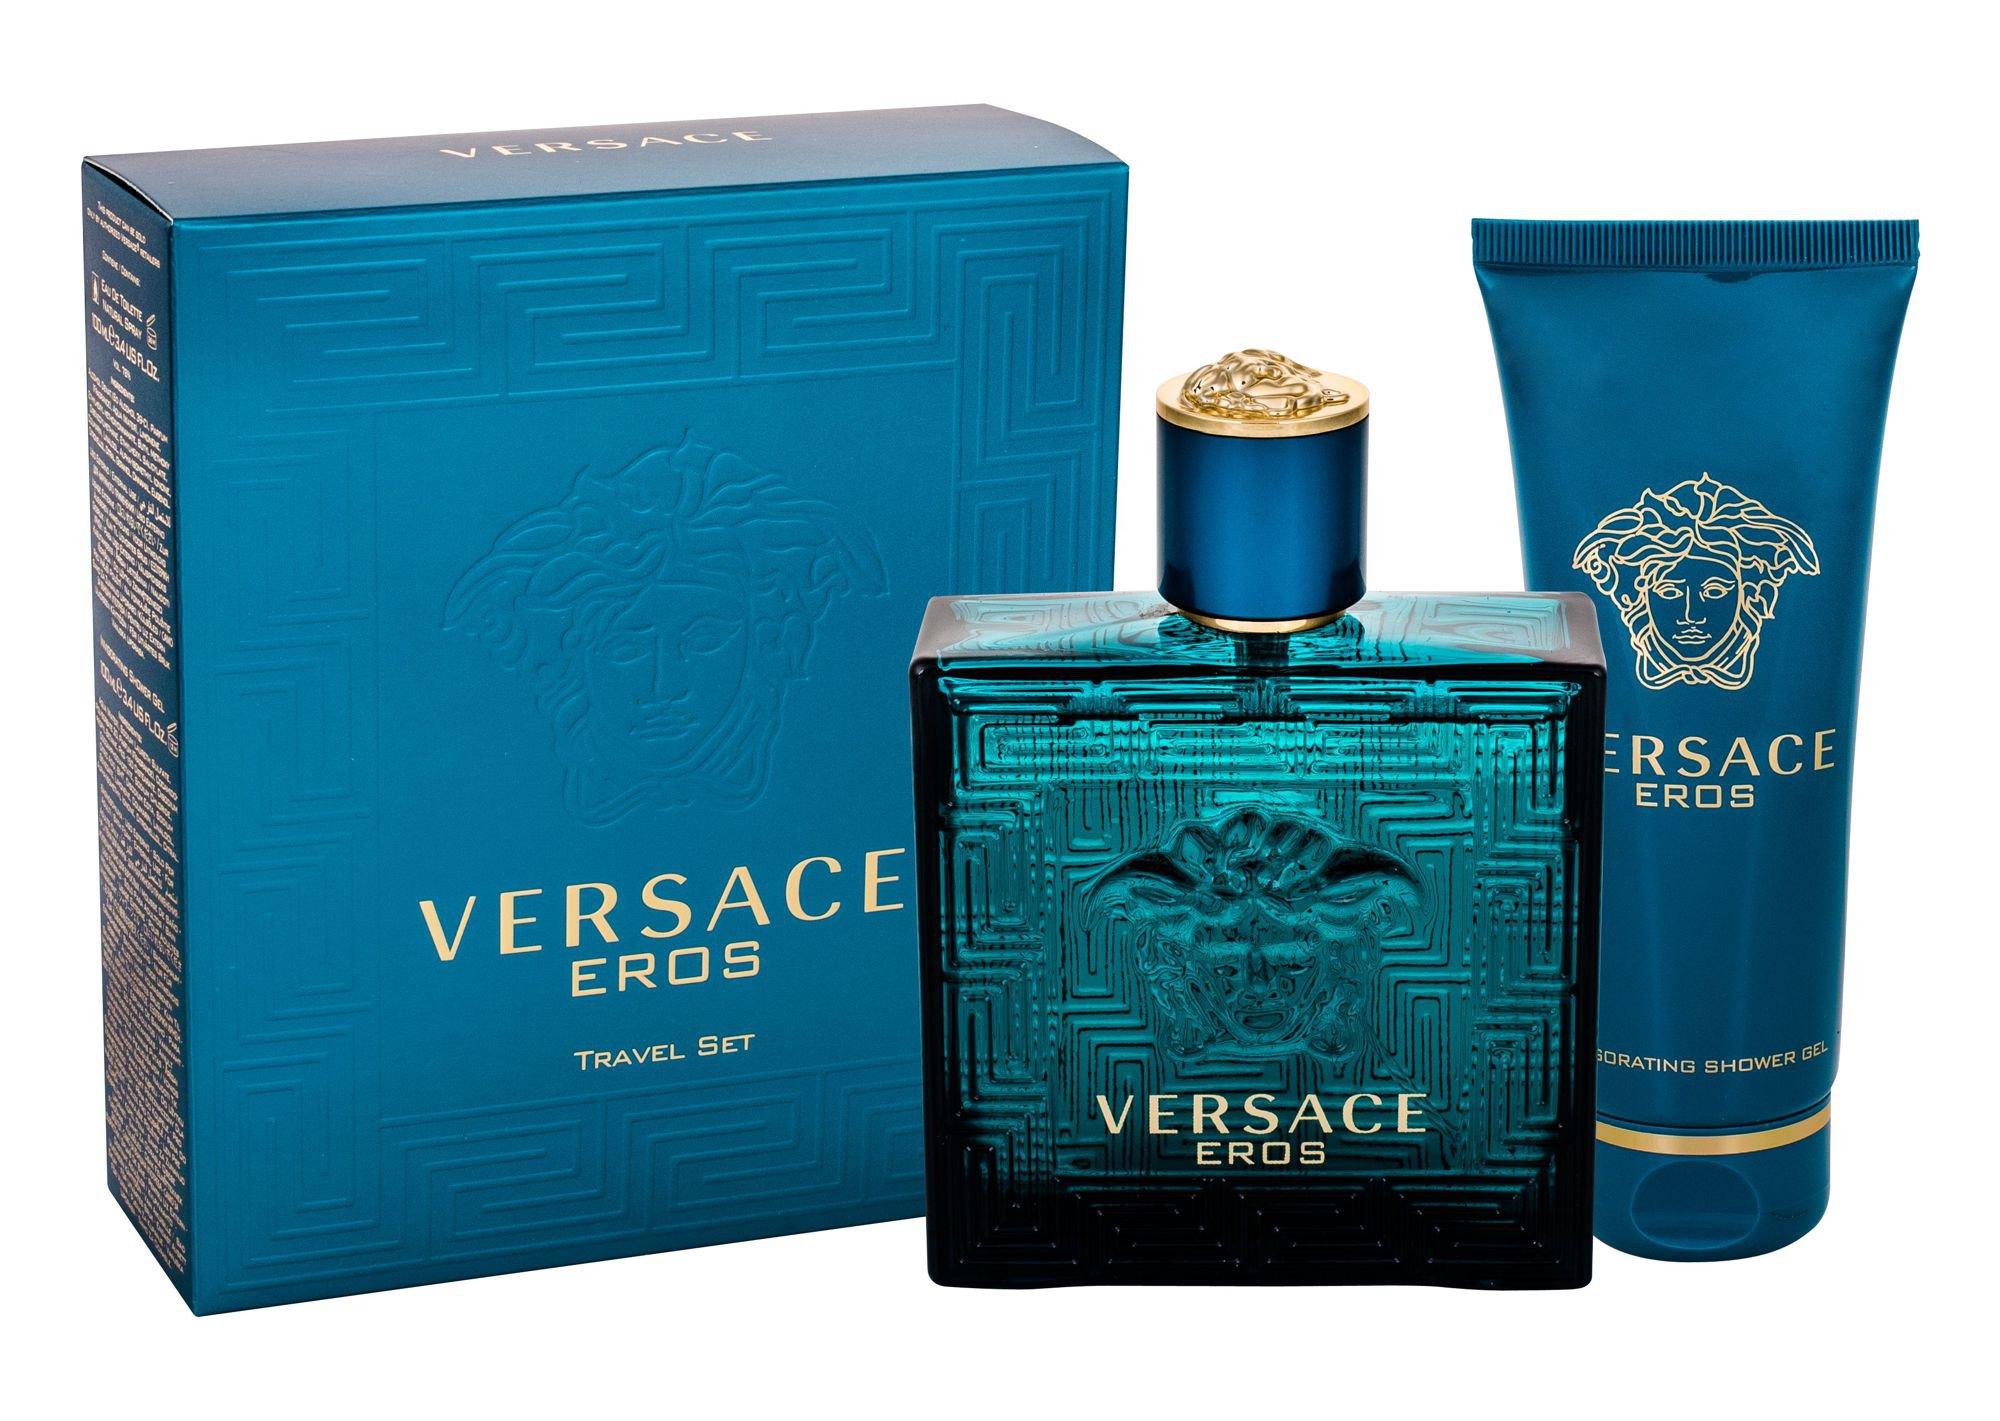 Versace Eros, toaletná voda 100ml + sprchovací gél 100 ml